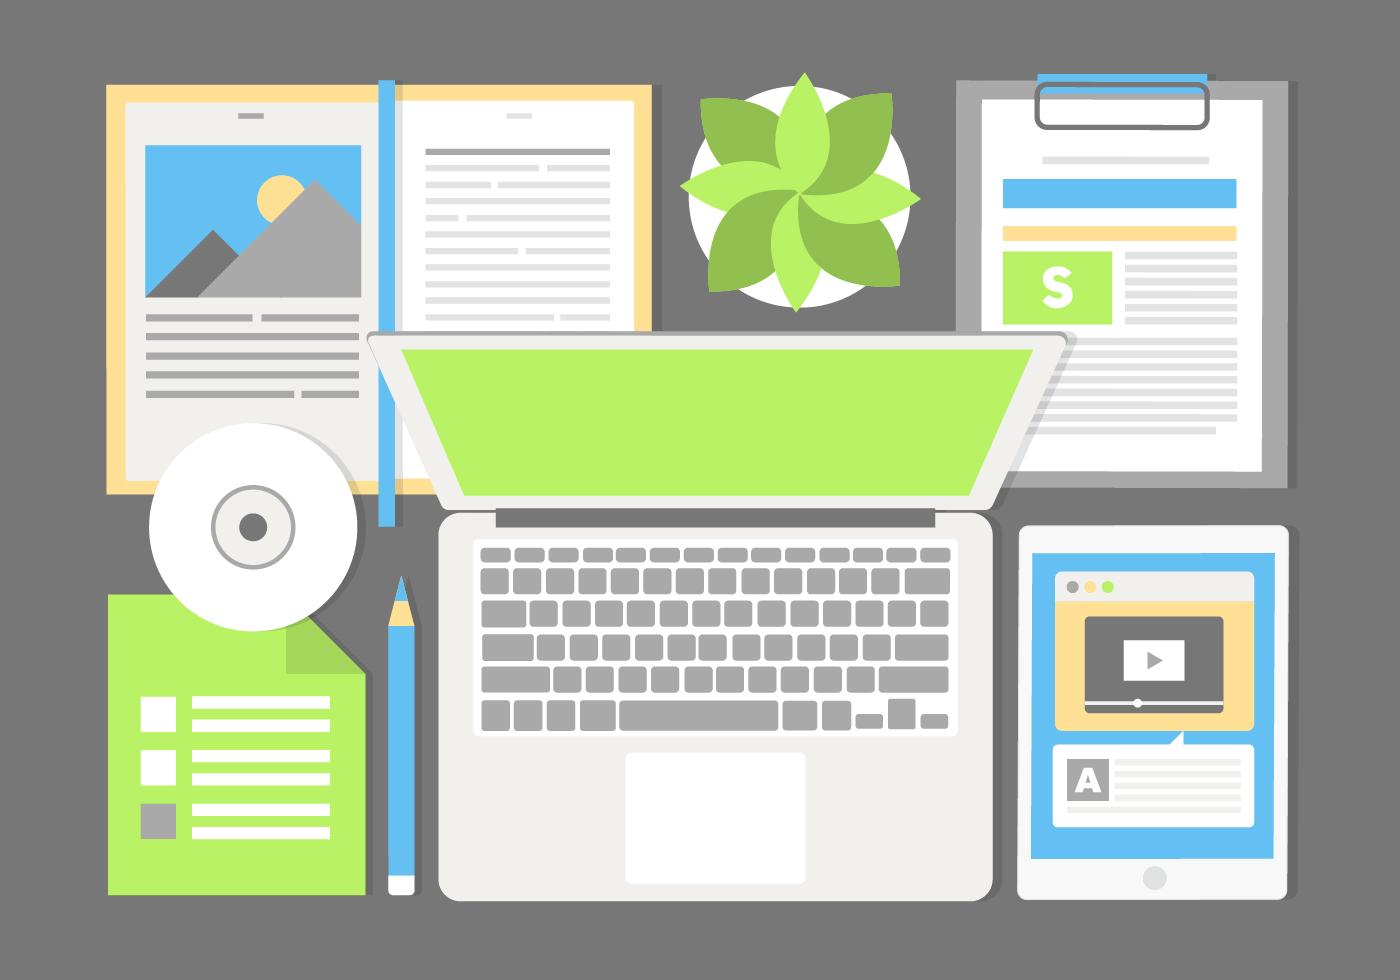 Libre de dise o vector elementos de la oficina descargue for Elementos para oficina